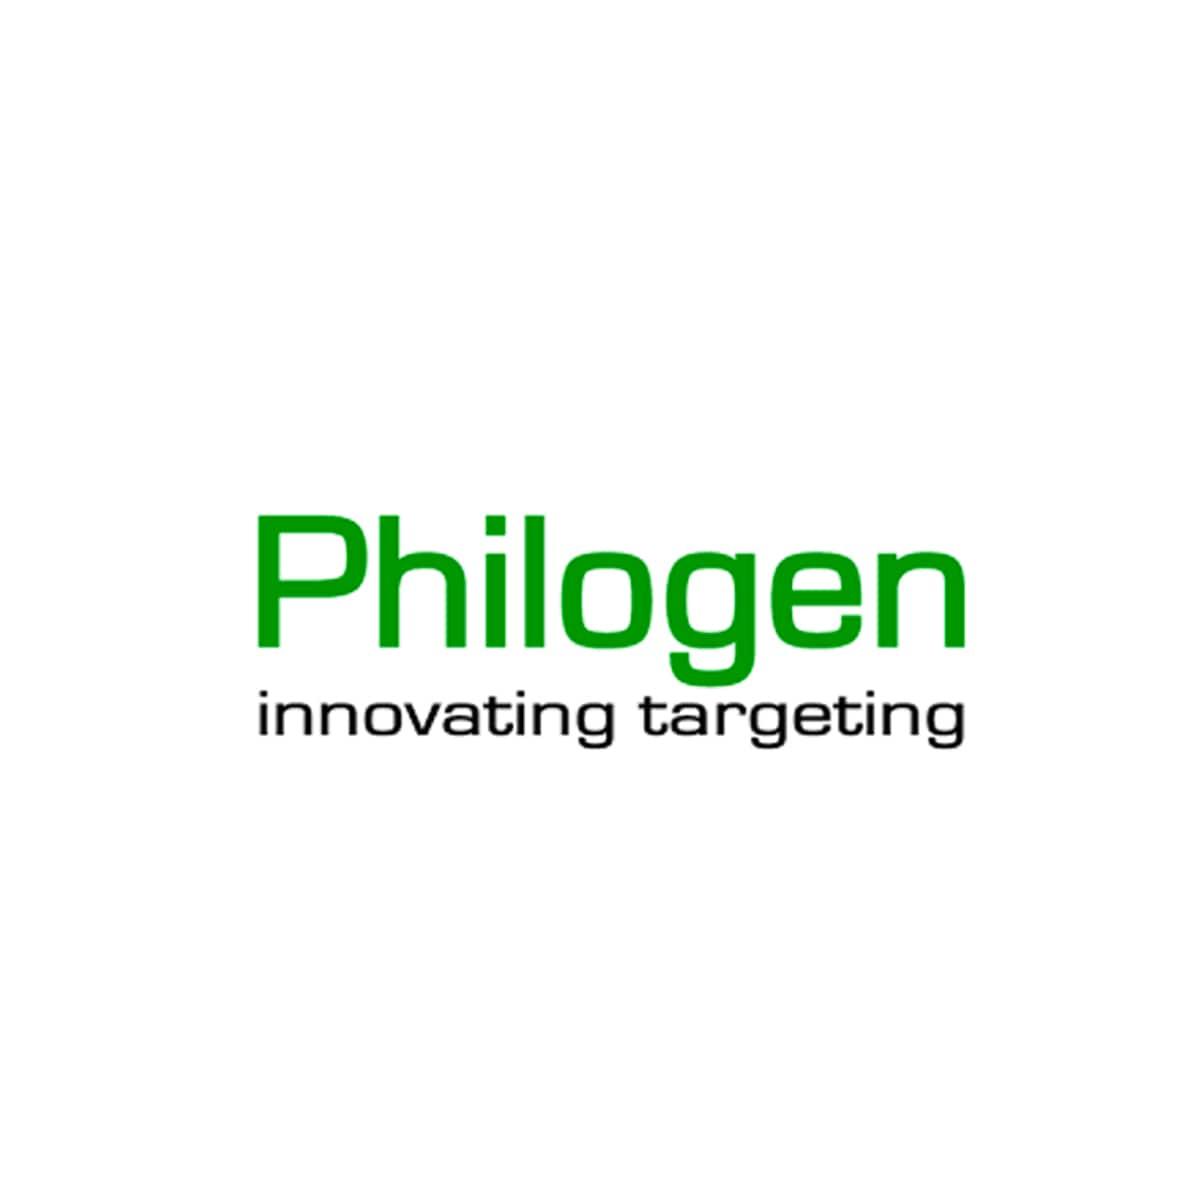 Philogen, alcuni dati del primo trimestre 2021